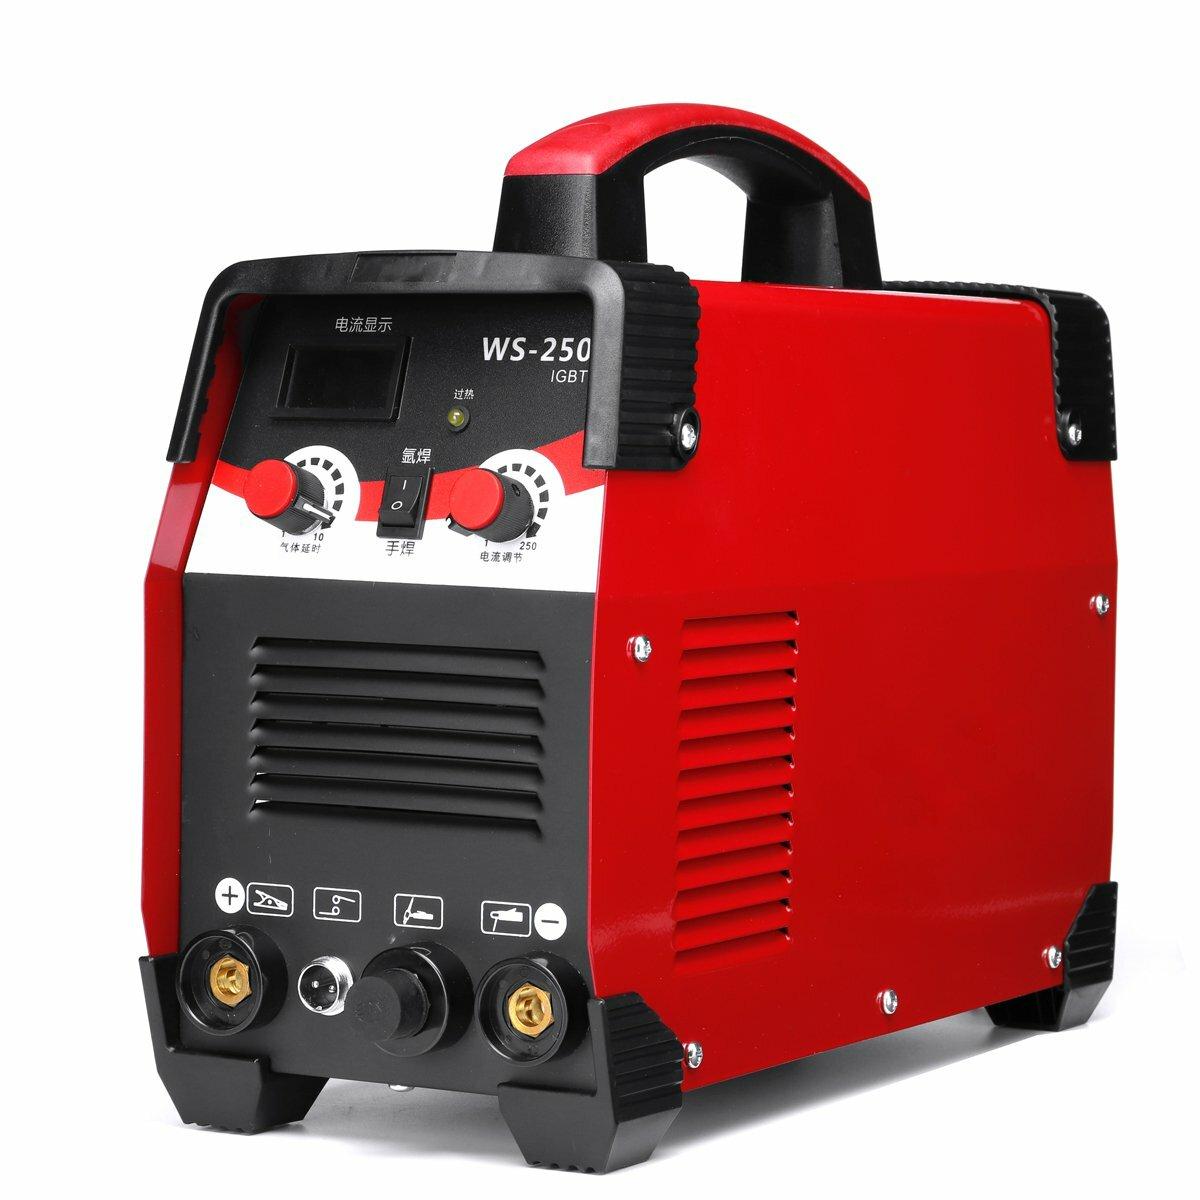 220V 7700W 2 في 1 TIG ARC آلة لحام كهربائي 20-250A MMA IGBT عصا العاكس